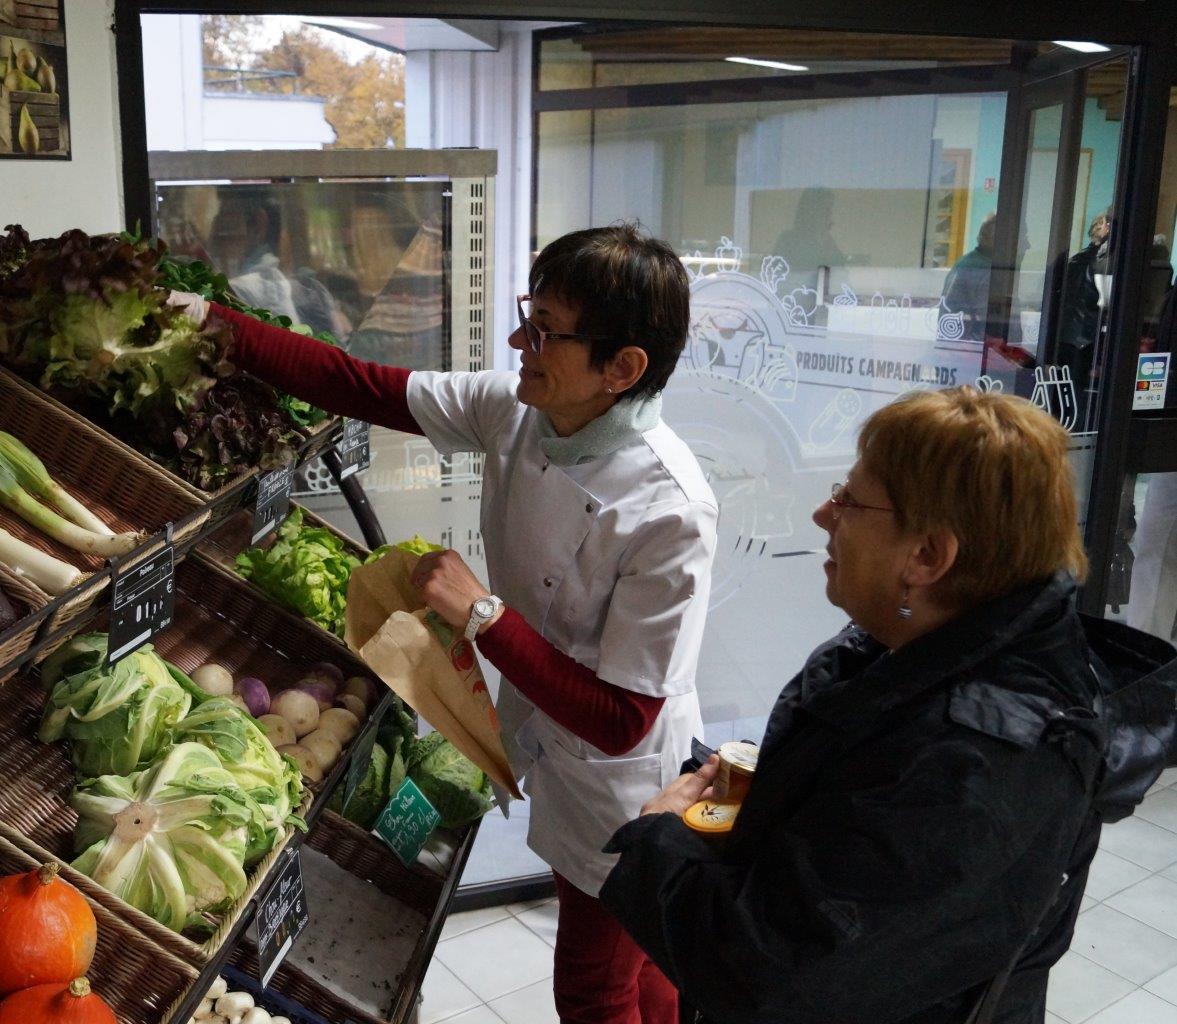 ...fruits et légumes où, ici, la patronne met un gant pour vous servir, proviennent de l'agriculture locale.